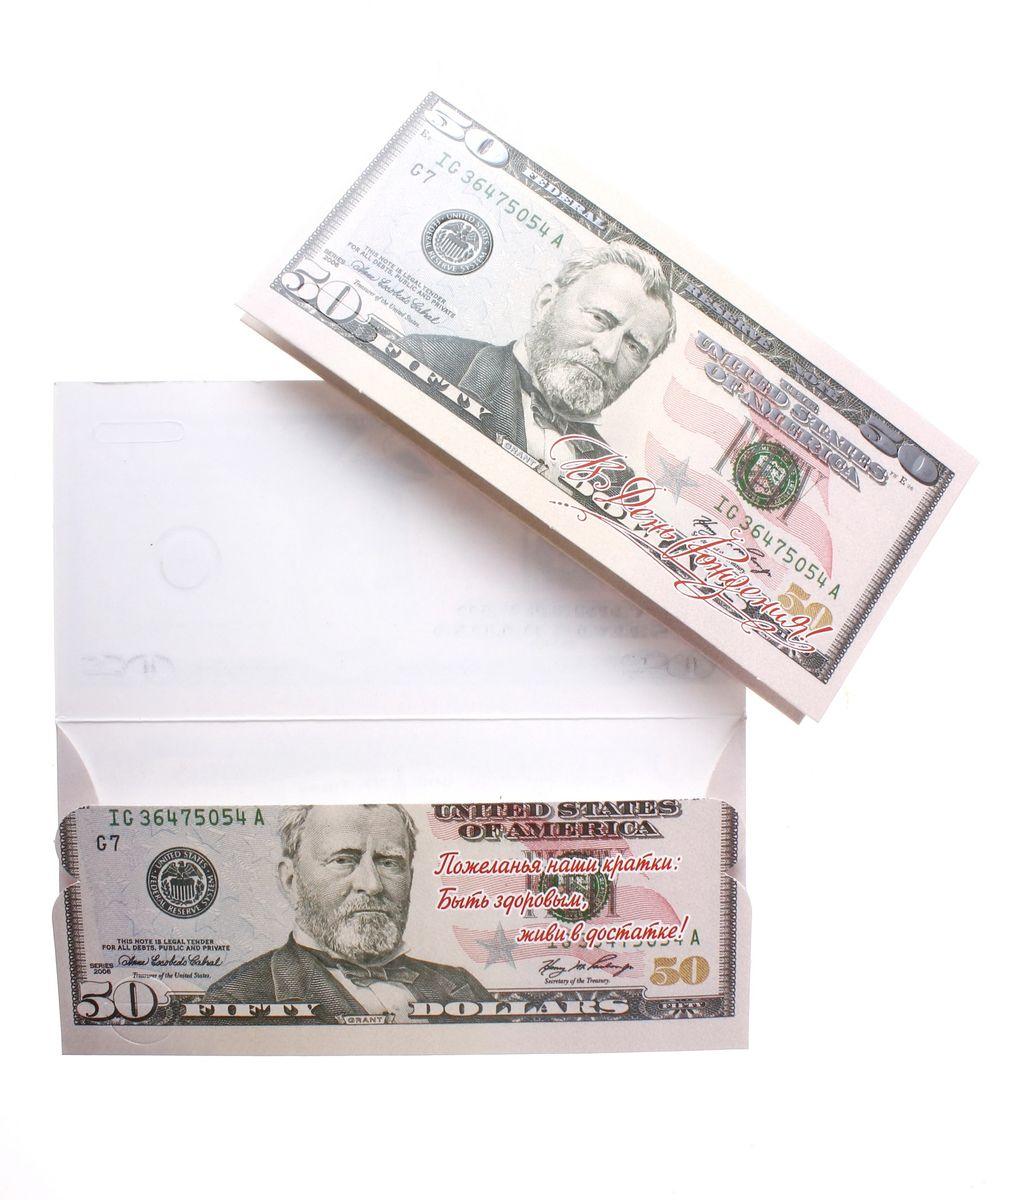 Конверт для денег В День Рождения!. 690521690521Конверт для денег В День Рождения! выполнен из плотной бумаги и украшен яркой картинкой, соответствующей событию, для которого предназначен. Это необычная красивая одежка для денежного подарка, а так же отличная возможность сделать его более праздничным и создать прекрасное настроение! Конверт В День Рождения! - идеальное решение, если в